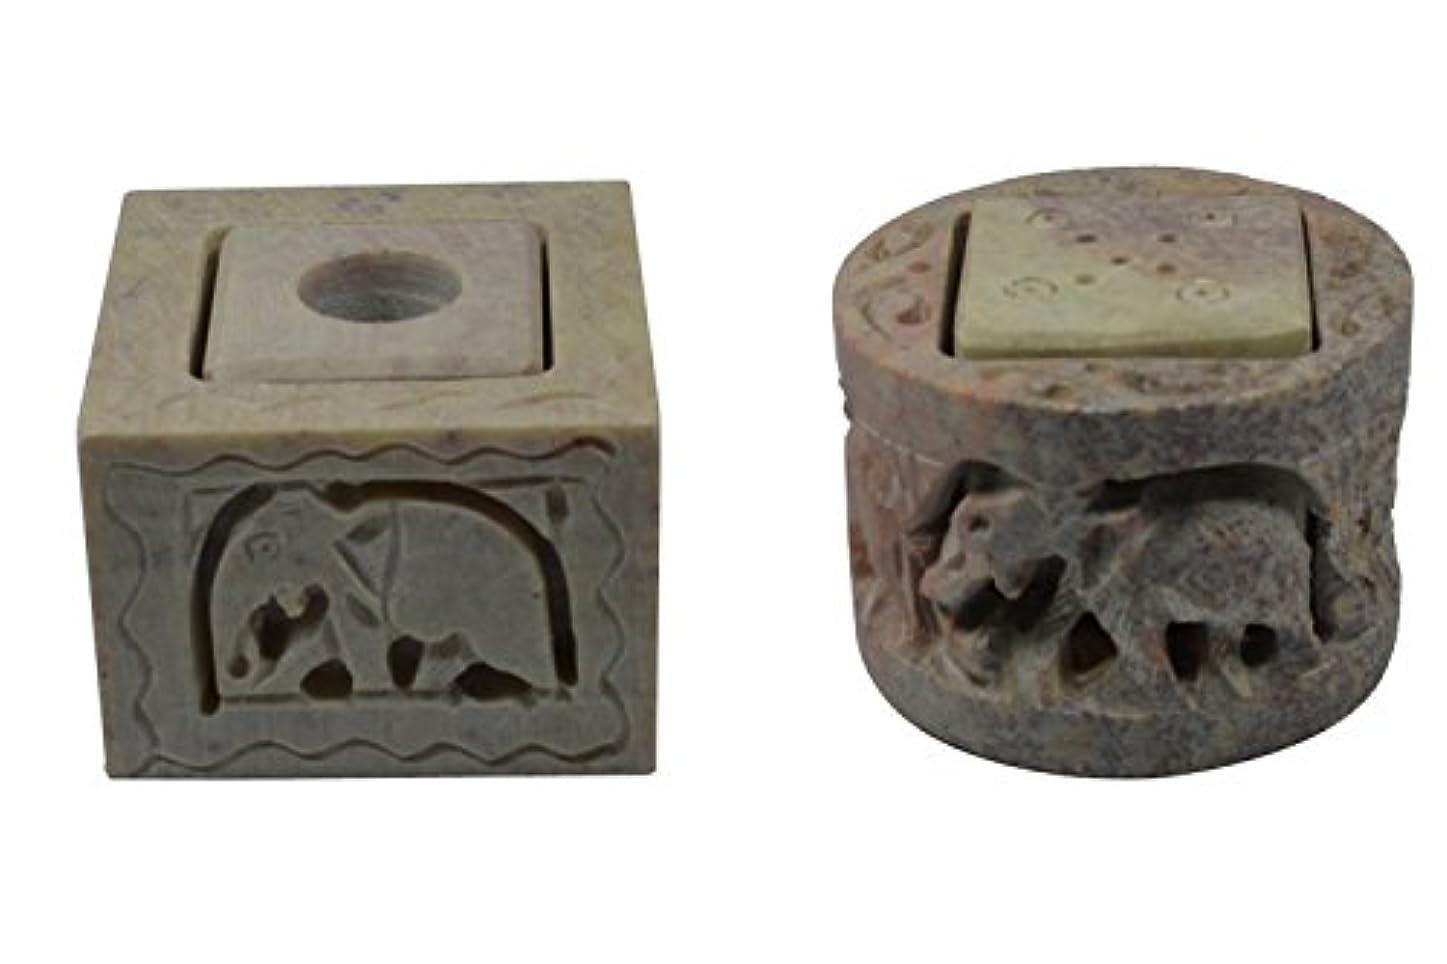 スチュワード連邦ジョージハンブリーRoyal Handicrafts Handcrafted Soapstone Candle & Incense Holder With Elephant Carving - Set of 2